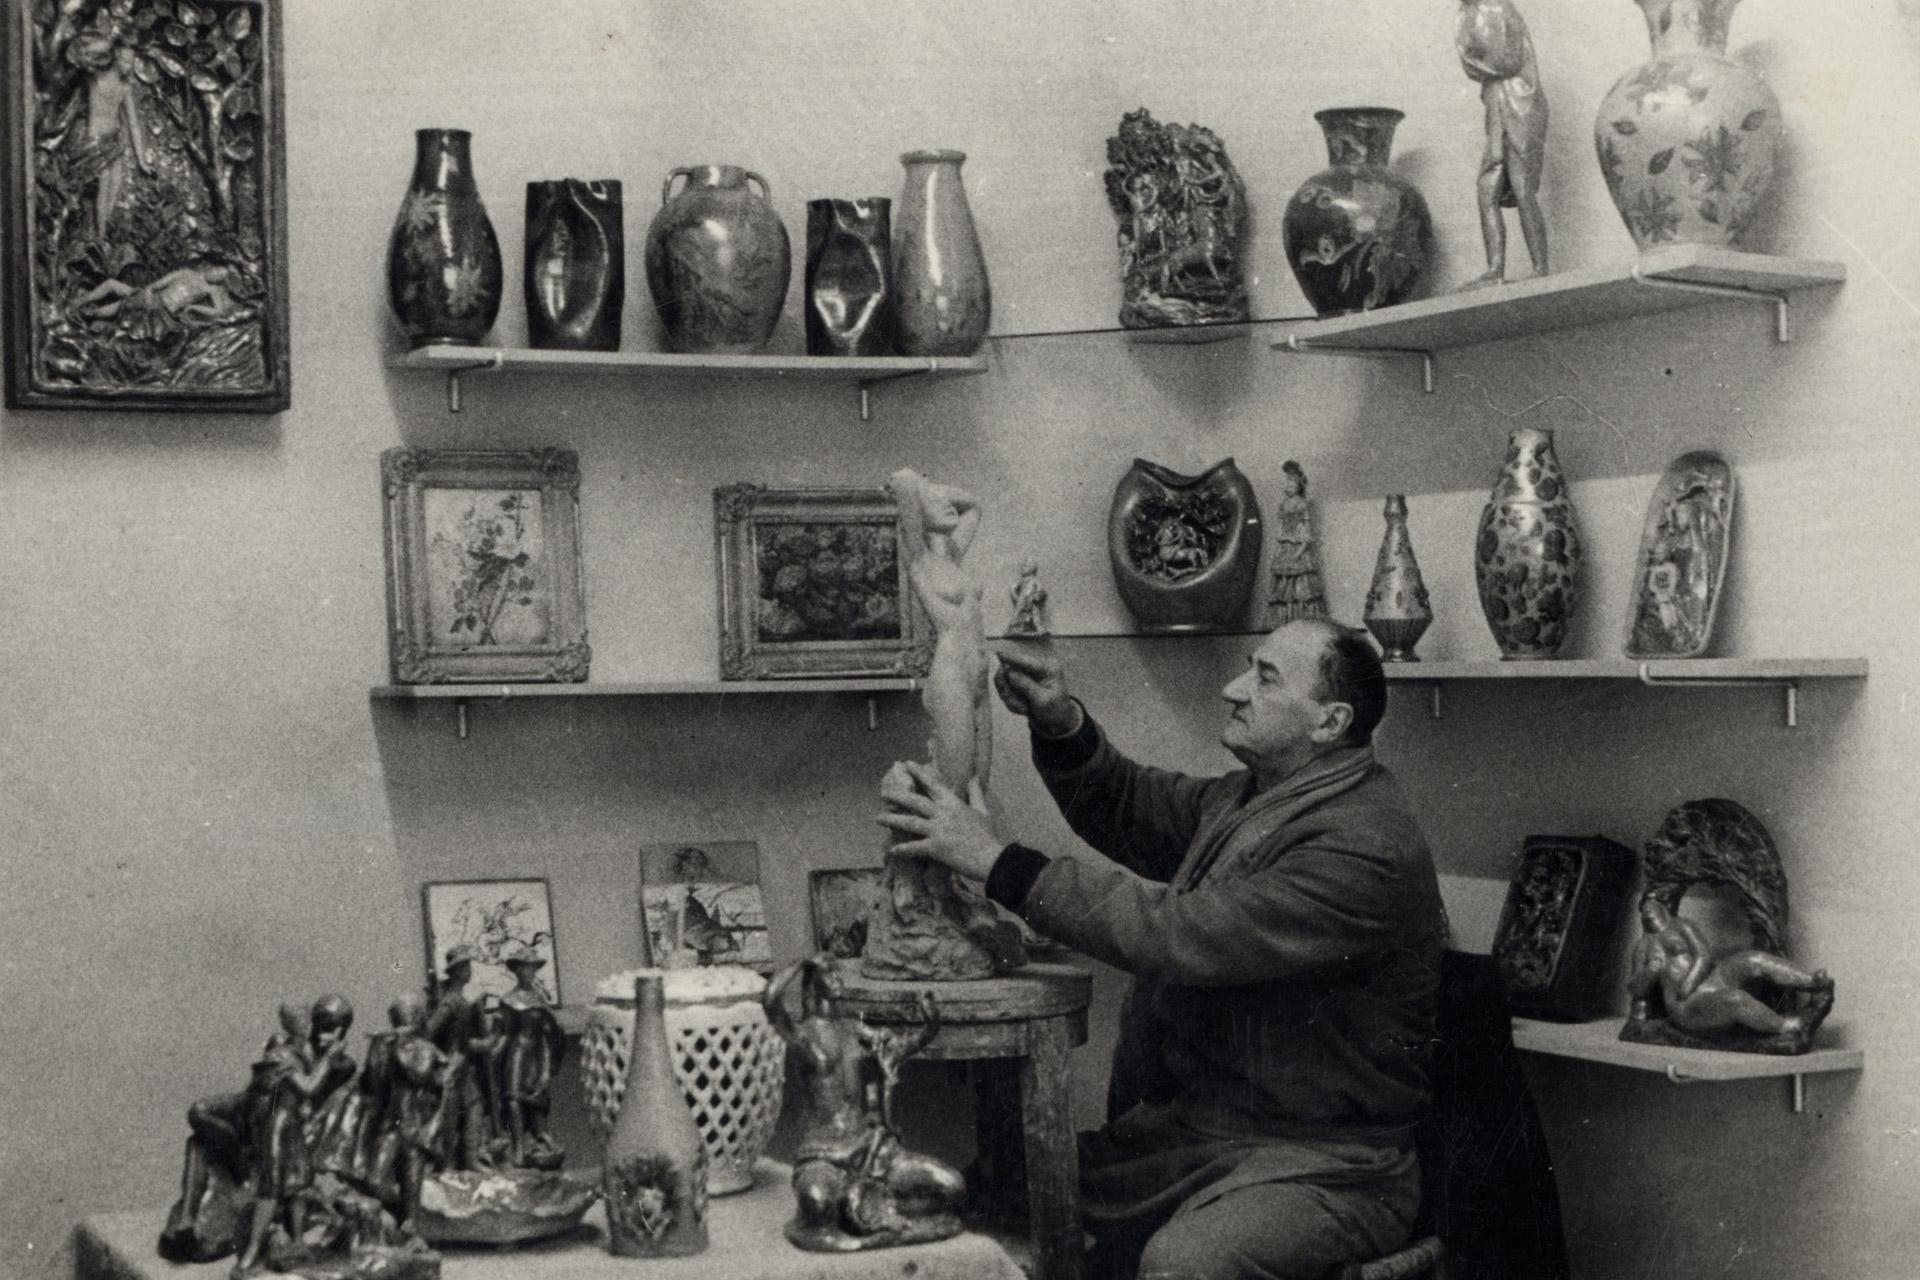 Gli artisti della ceramica provengono da tutta europa. Bottega D Arte Ceramica Gatti Maiolicari In Faenza Dal 1928ceramica Gatti